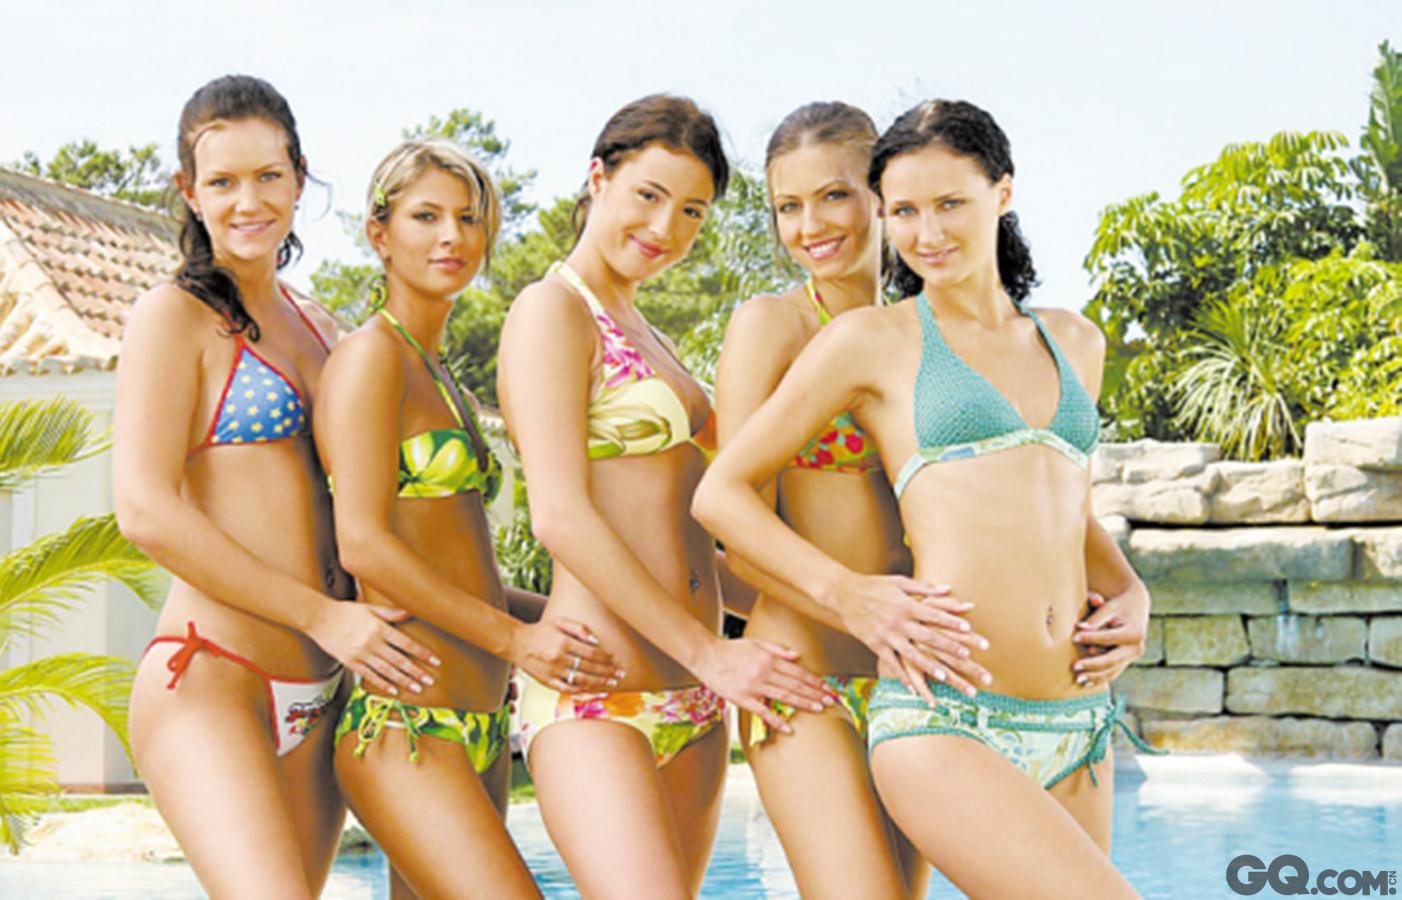 """这是个最负盛名的盛产美女的国度。她的人口只有3000多万,却出过至少10个世界小姐及环球小姐。委内瑞拉的选美之风狂热至极,每个村庄都有一名""""美女王后"""";当地女孩从上中小学起,就开始参加选美活动;各种运动队、俱乐部、职业协会,都有自己的美女代表;甚至连妇女监狱或养老院,也有头戴小王冠的选美获胜者。每年9月初,委内瑞拉的大街上总是空荡荡,私家车不上街,出租车停运,所有人都坐在电视机前,观看一年一度的""""委内瑞拉小姐""""选美转播。而任何一个家庭,只要有人成为""""委内瑞拉小姐"""",就能在当地享有很高的声望。一名培训师承认,这些姑娘本已美丽如画,但通过培训,可以变得更美。这名培训师主要从身姿、表情、礼仪等细节方面,对姑娘们展开训练。而培训班的专家团队,则负责有针对性地对姑娘们进行腿部肌肉训练和声乐、舞蹈方面的培养。此外,所有学员都要接受模特、英语、访谈技巧等领域的系统培训。她们都很清楚,仅凭漂亮的外表,不可能在国际大赛中一再折桂。"""